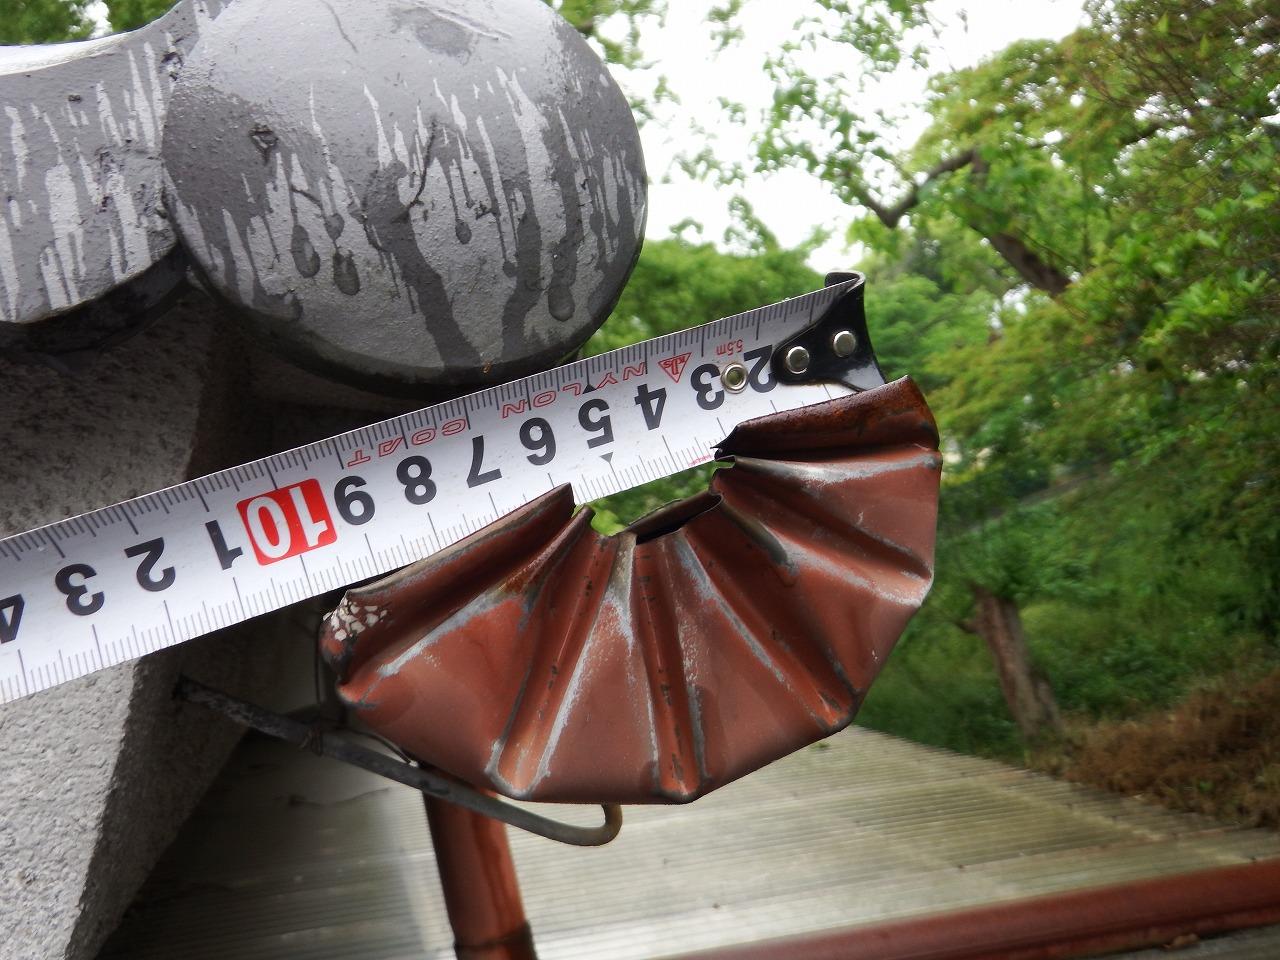 橿原市の瓦屋根の住宅の雨樋の止まりの菊絞り